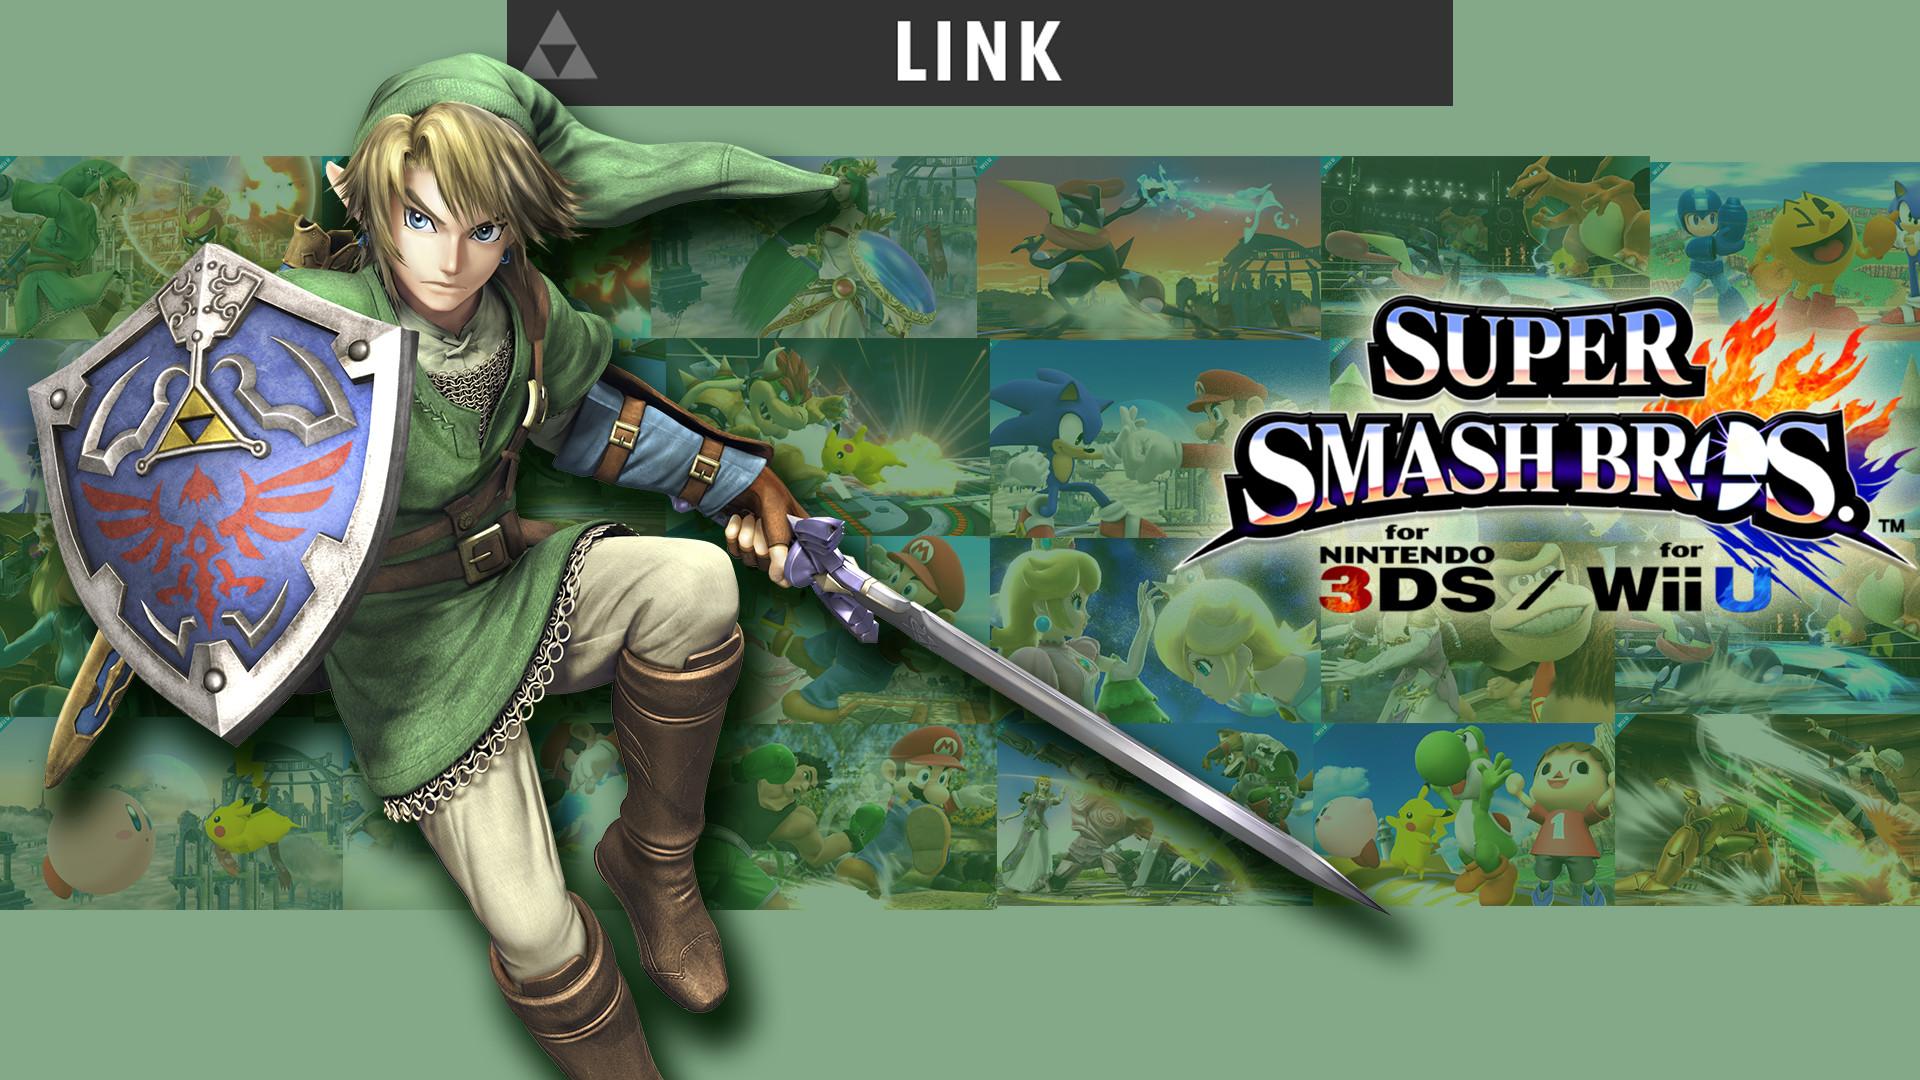 … Super Smash Bros Link Wallpaper by iagob360